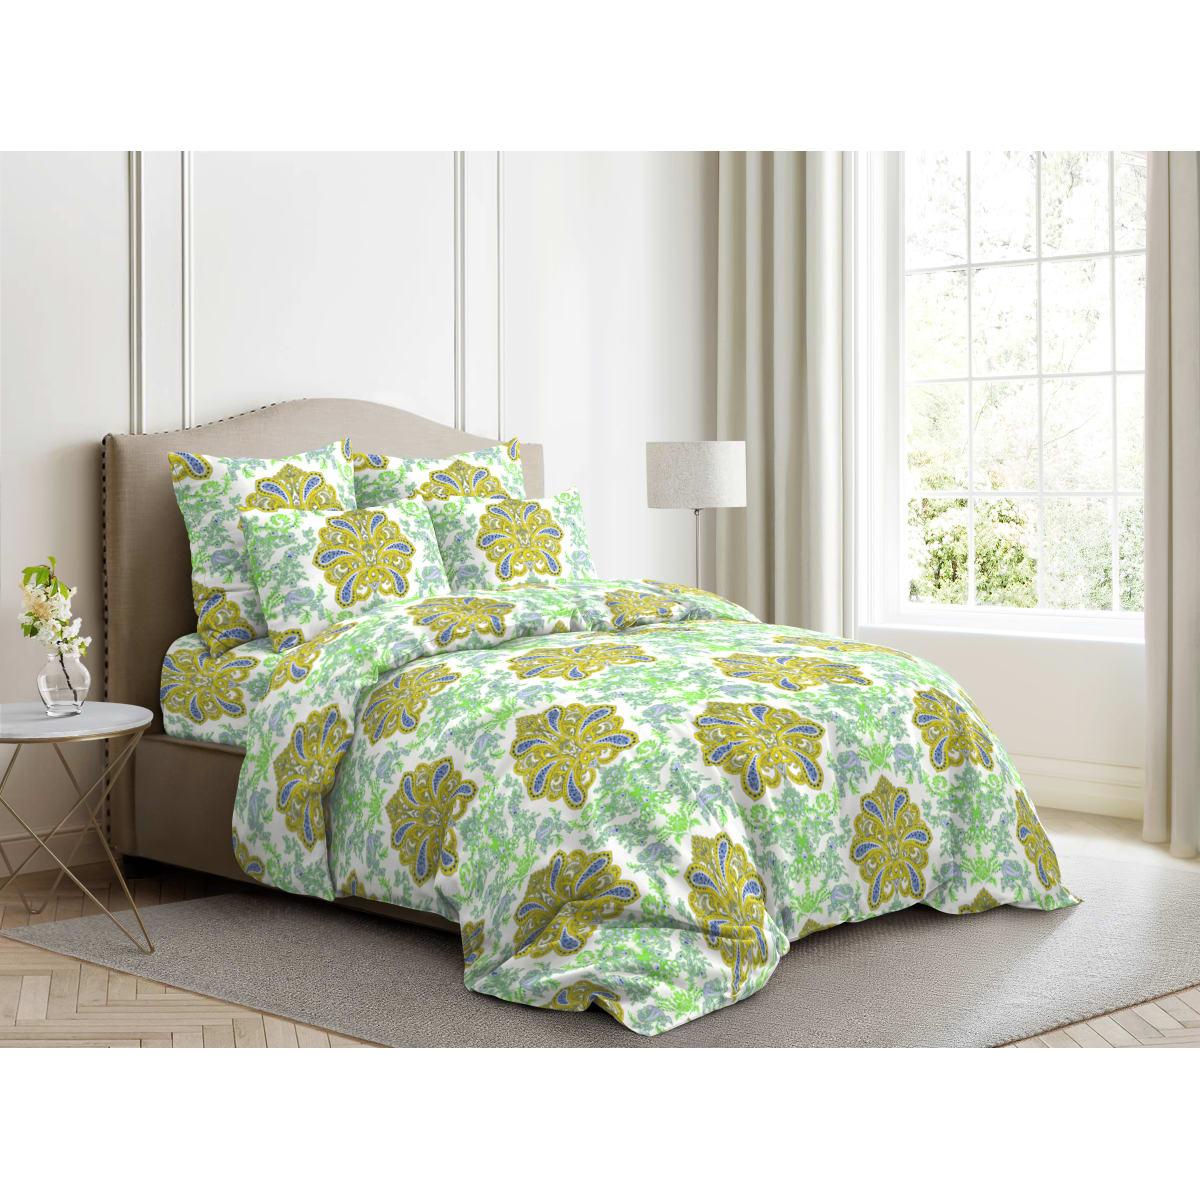 Комплект постельного белья двуспальный Ночь Нежна Царственный Образ, поплин